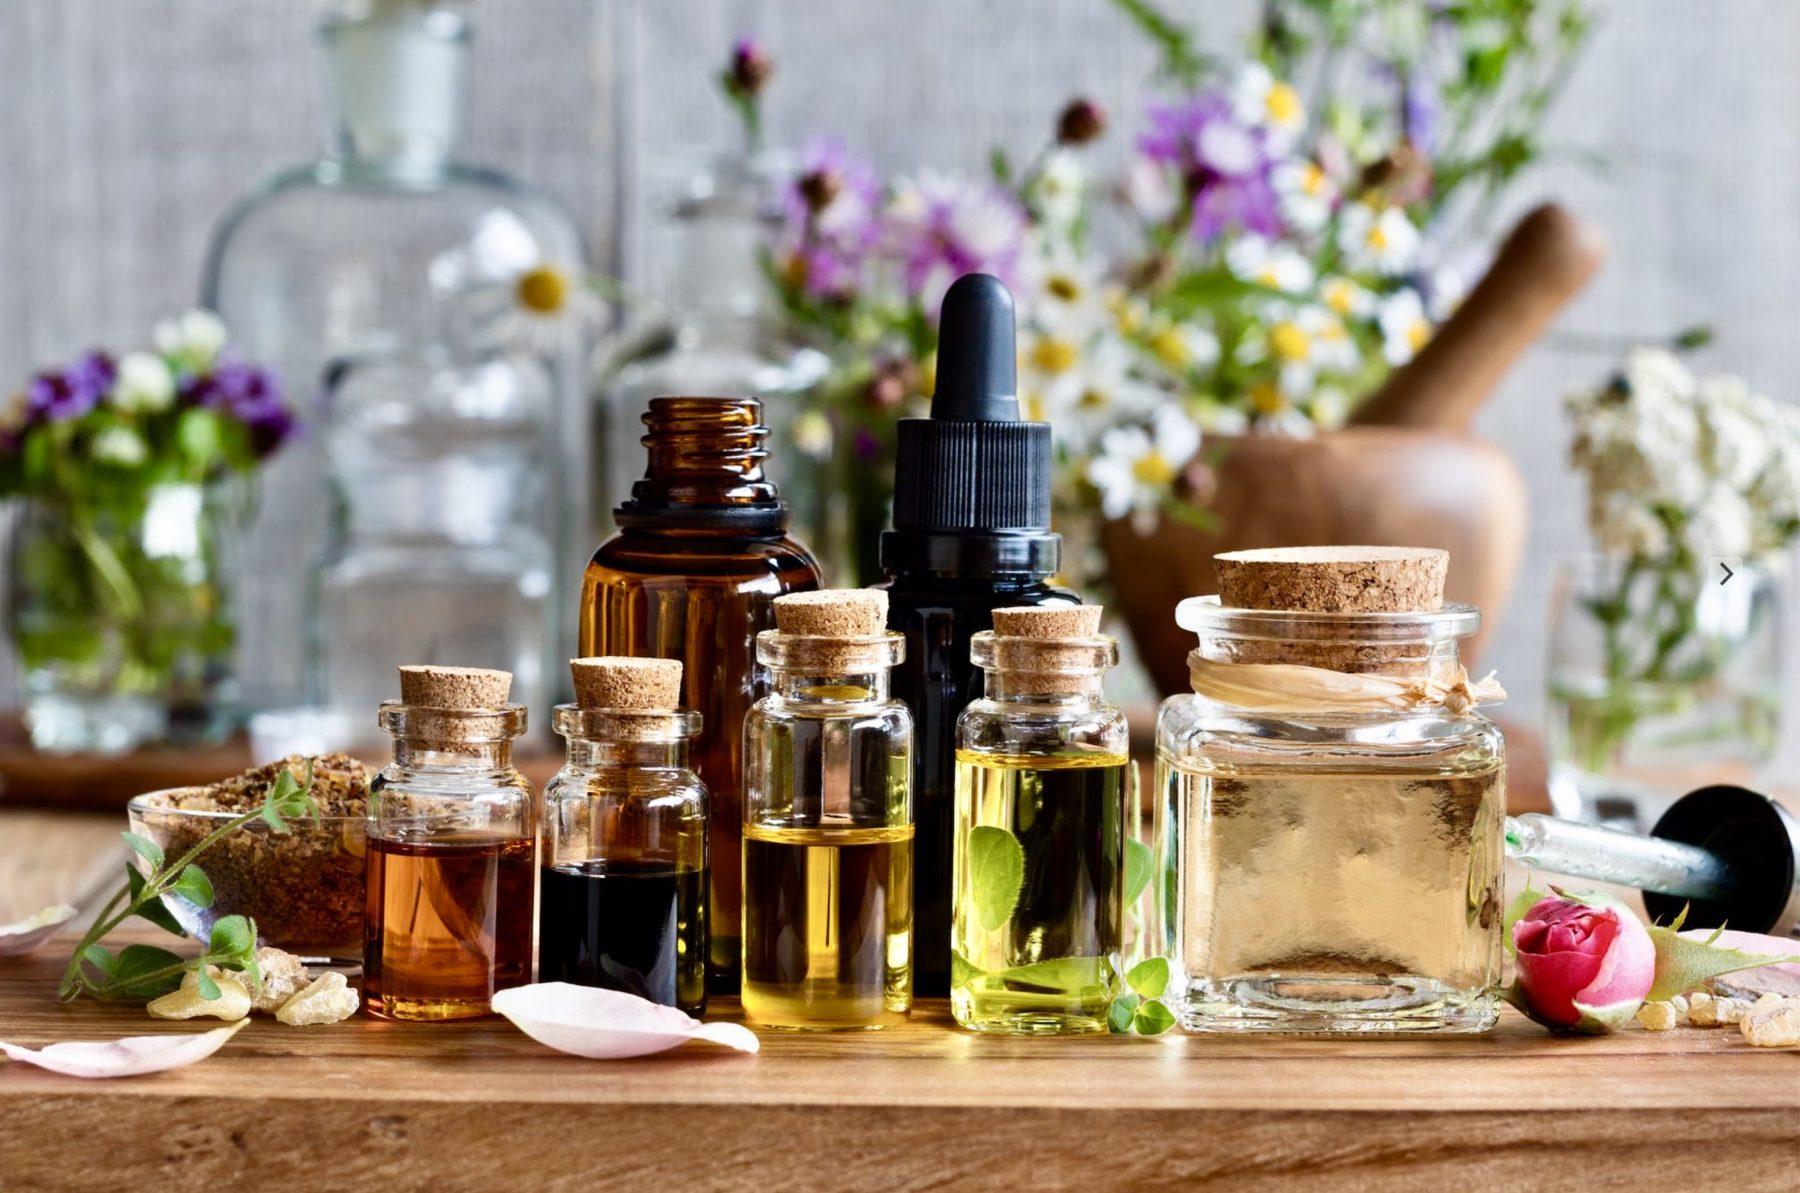 Je découvre les huiles essentielles